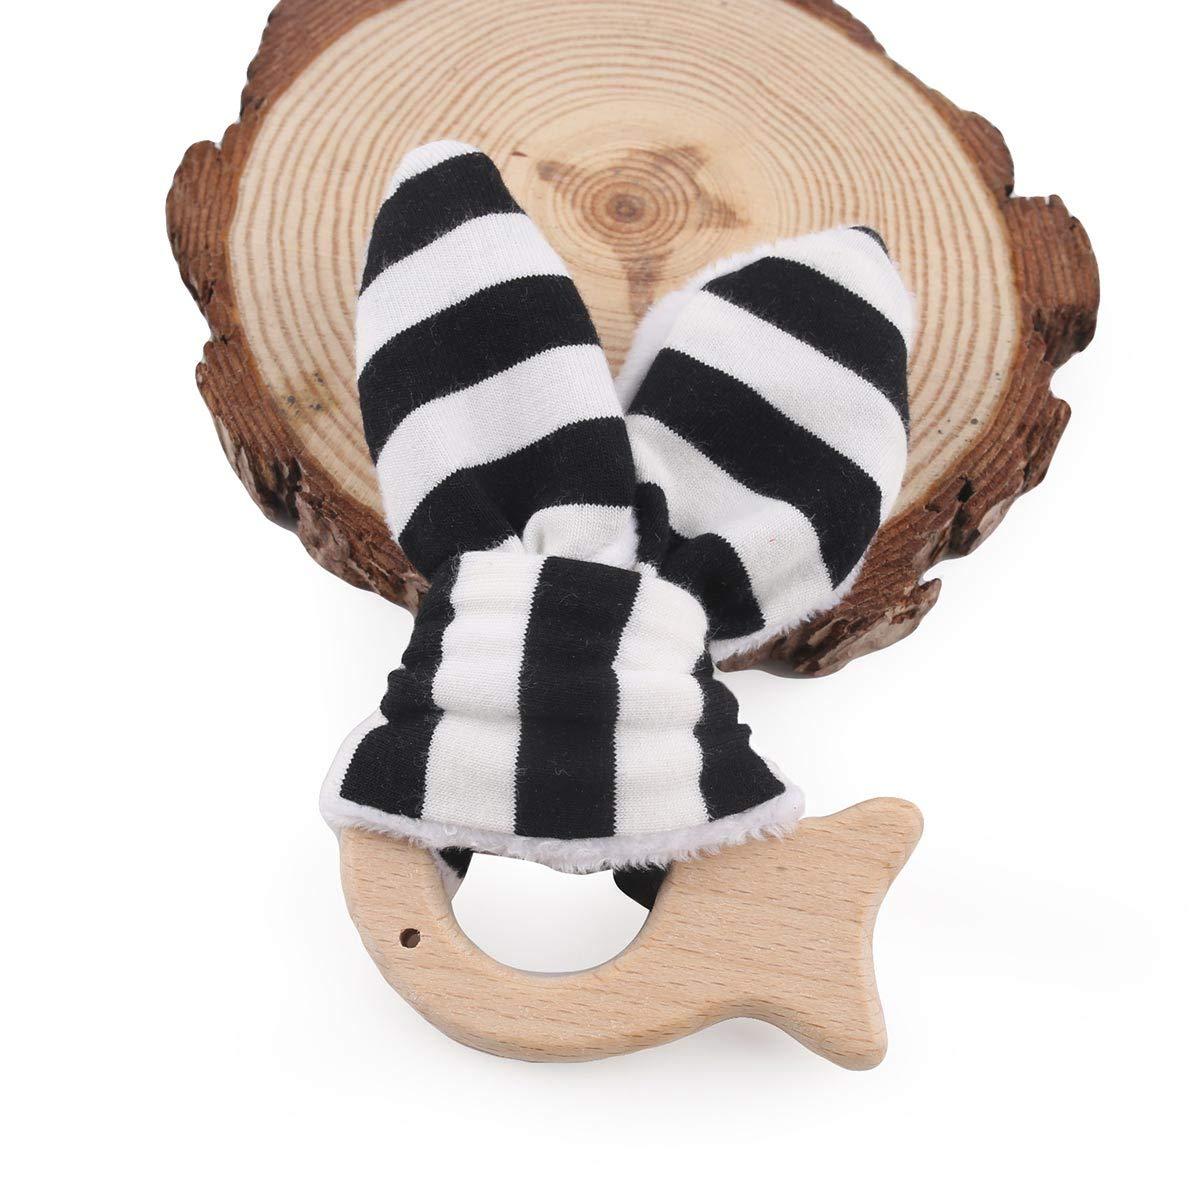 Baby Wooden Organic Teething Rings Bunny Ear Animal Shaped Nursing Toys BPA Free